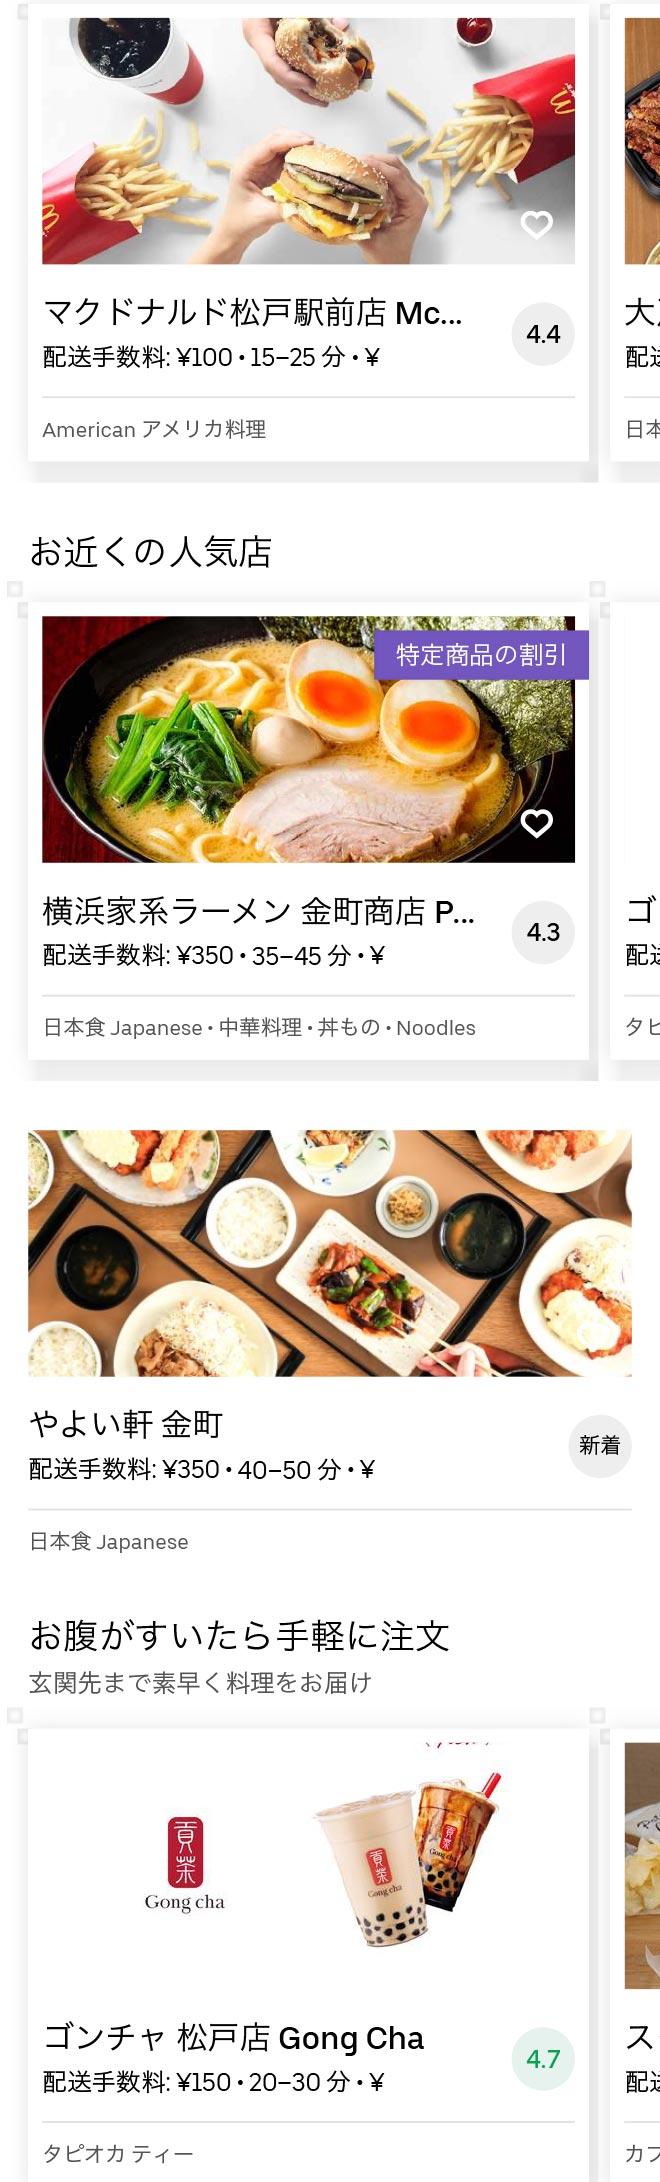 Matsudo menu 2007 01